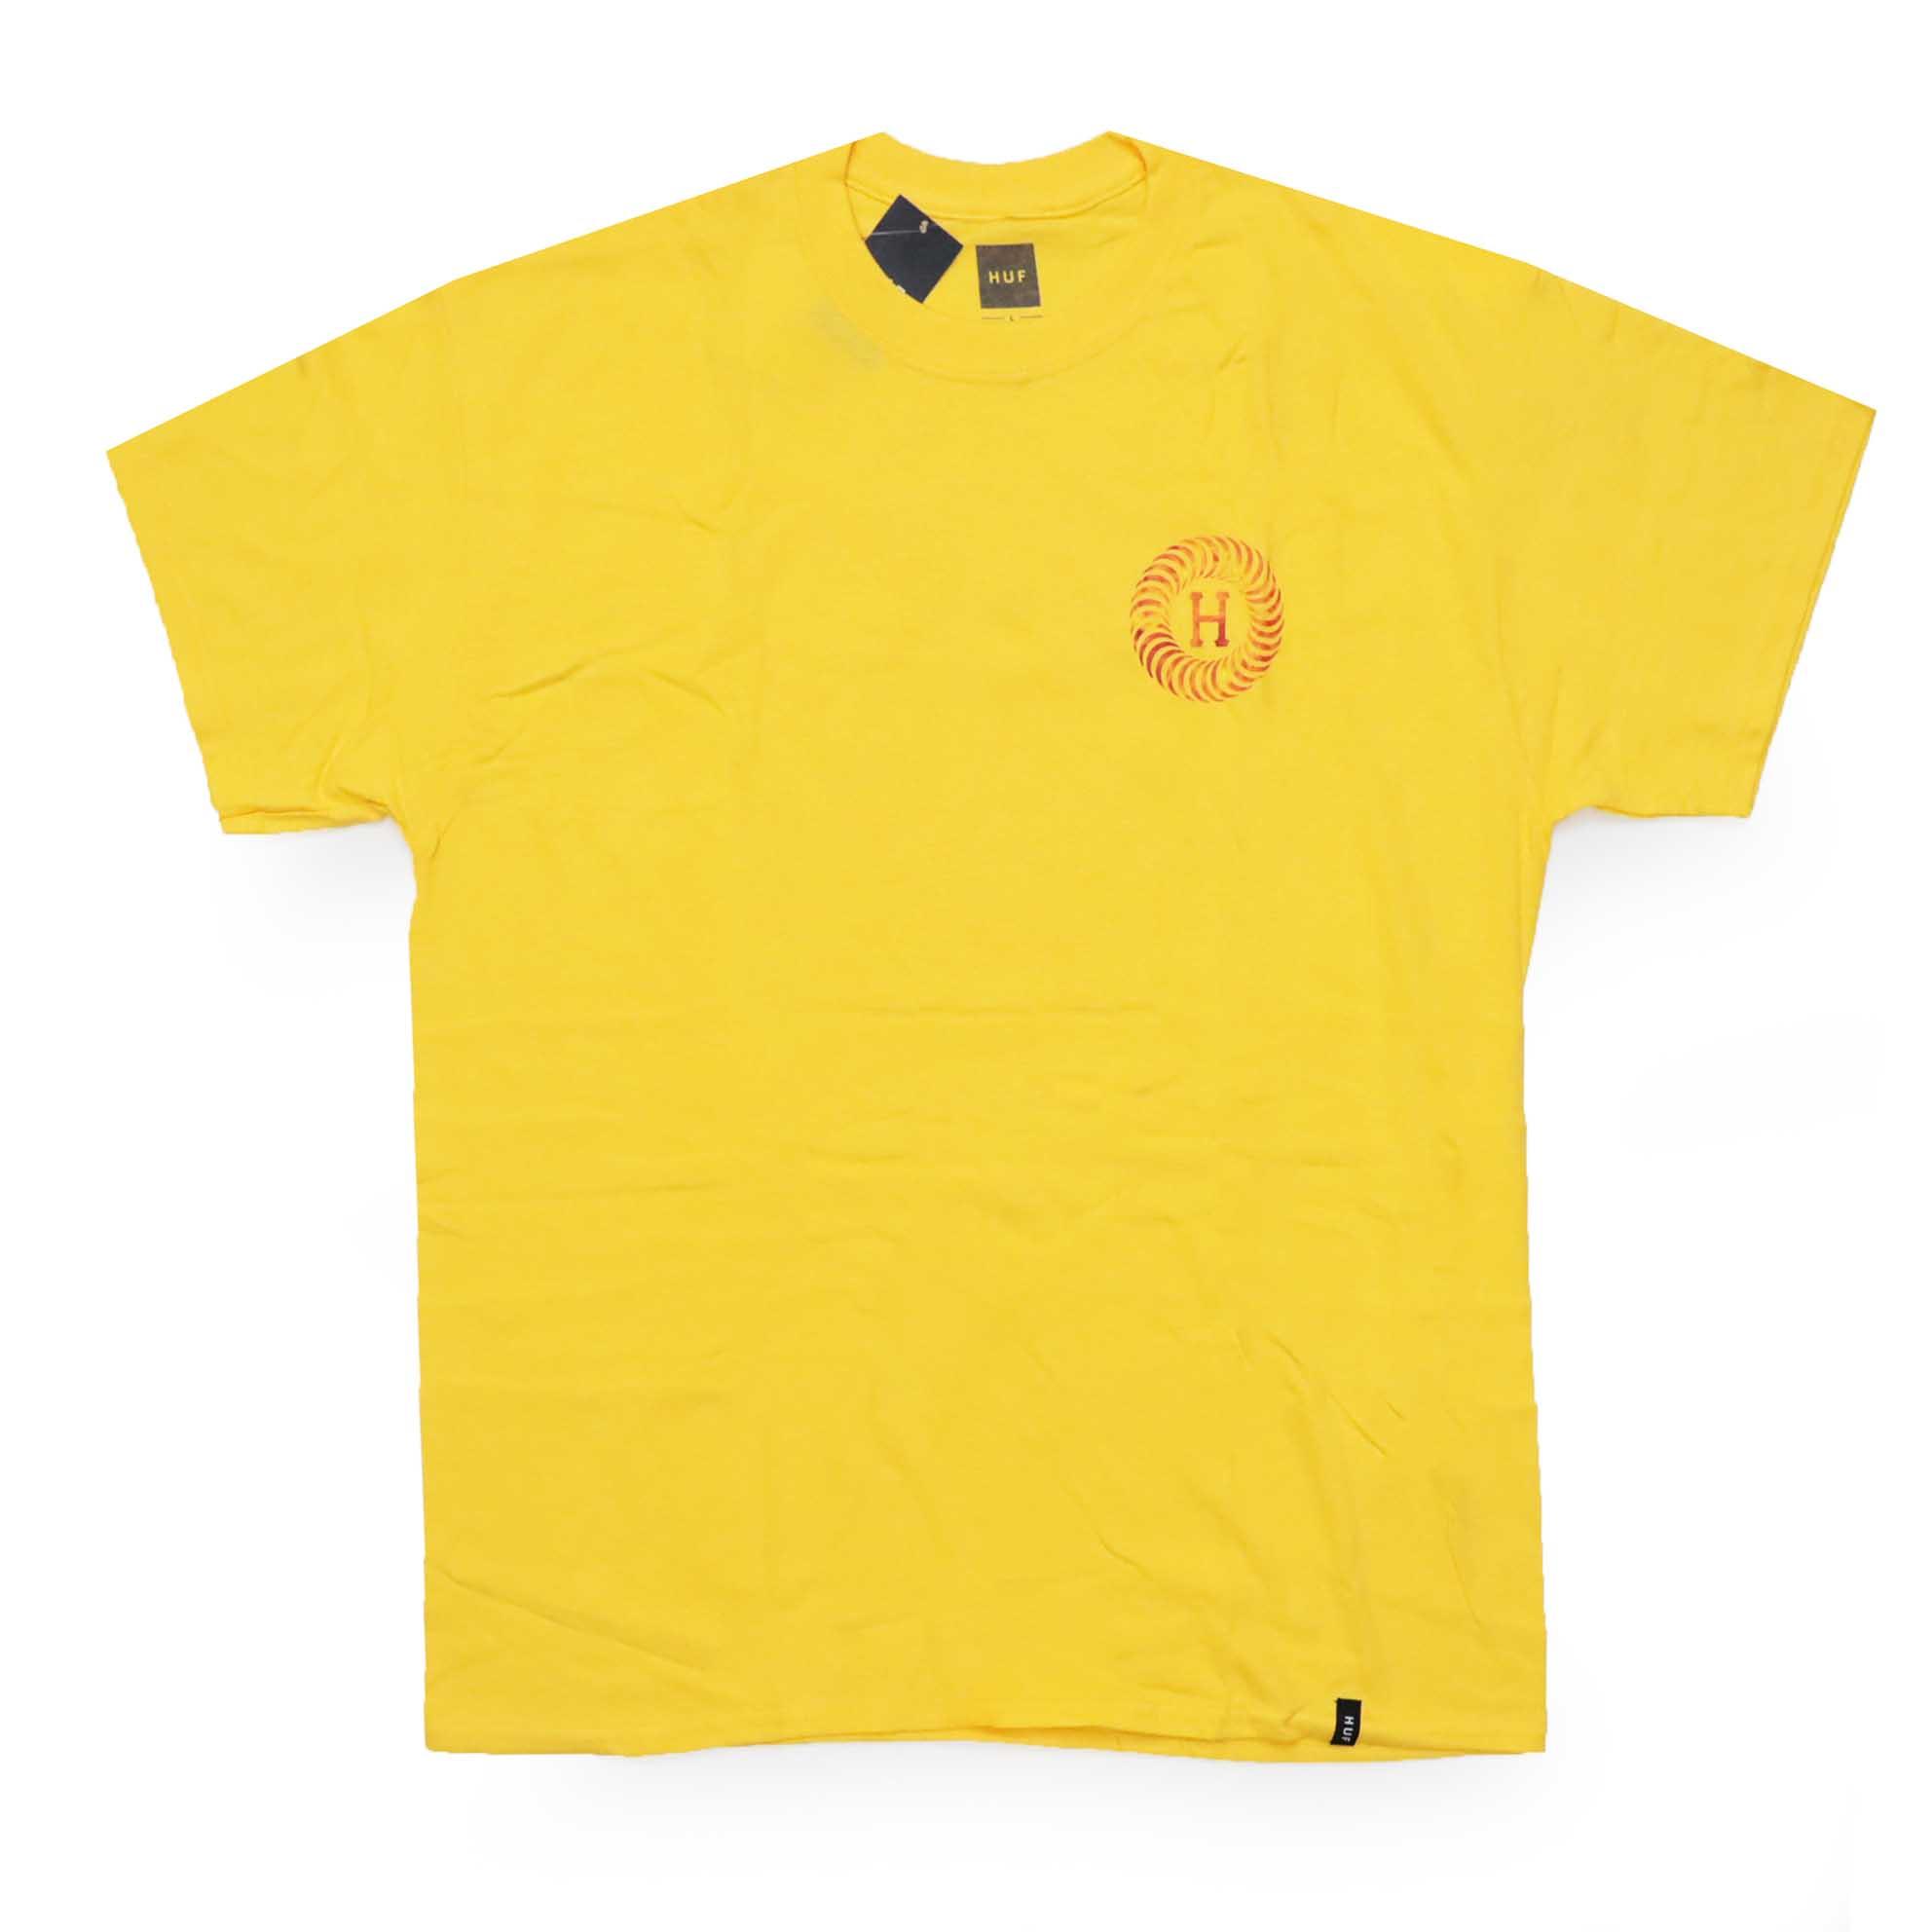 Camiseta HUF x Spitfire Fire - Amarelo (Importado)